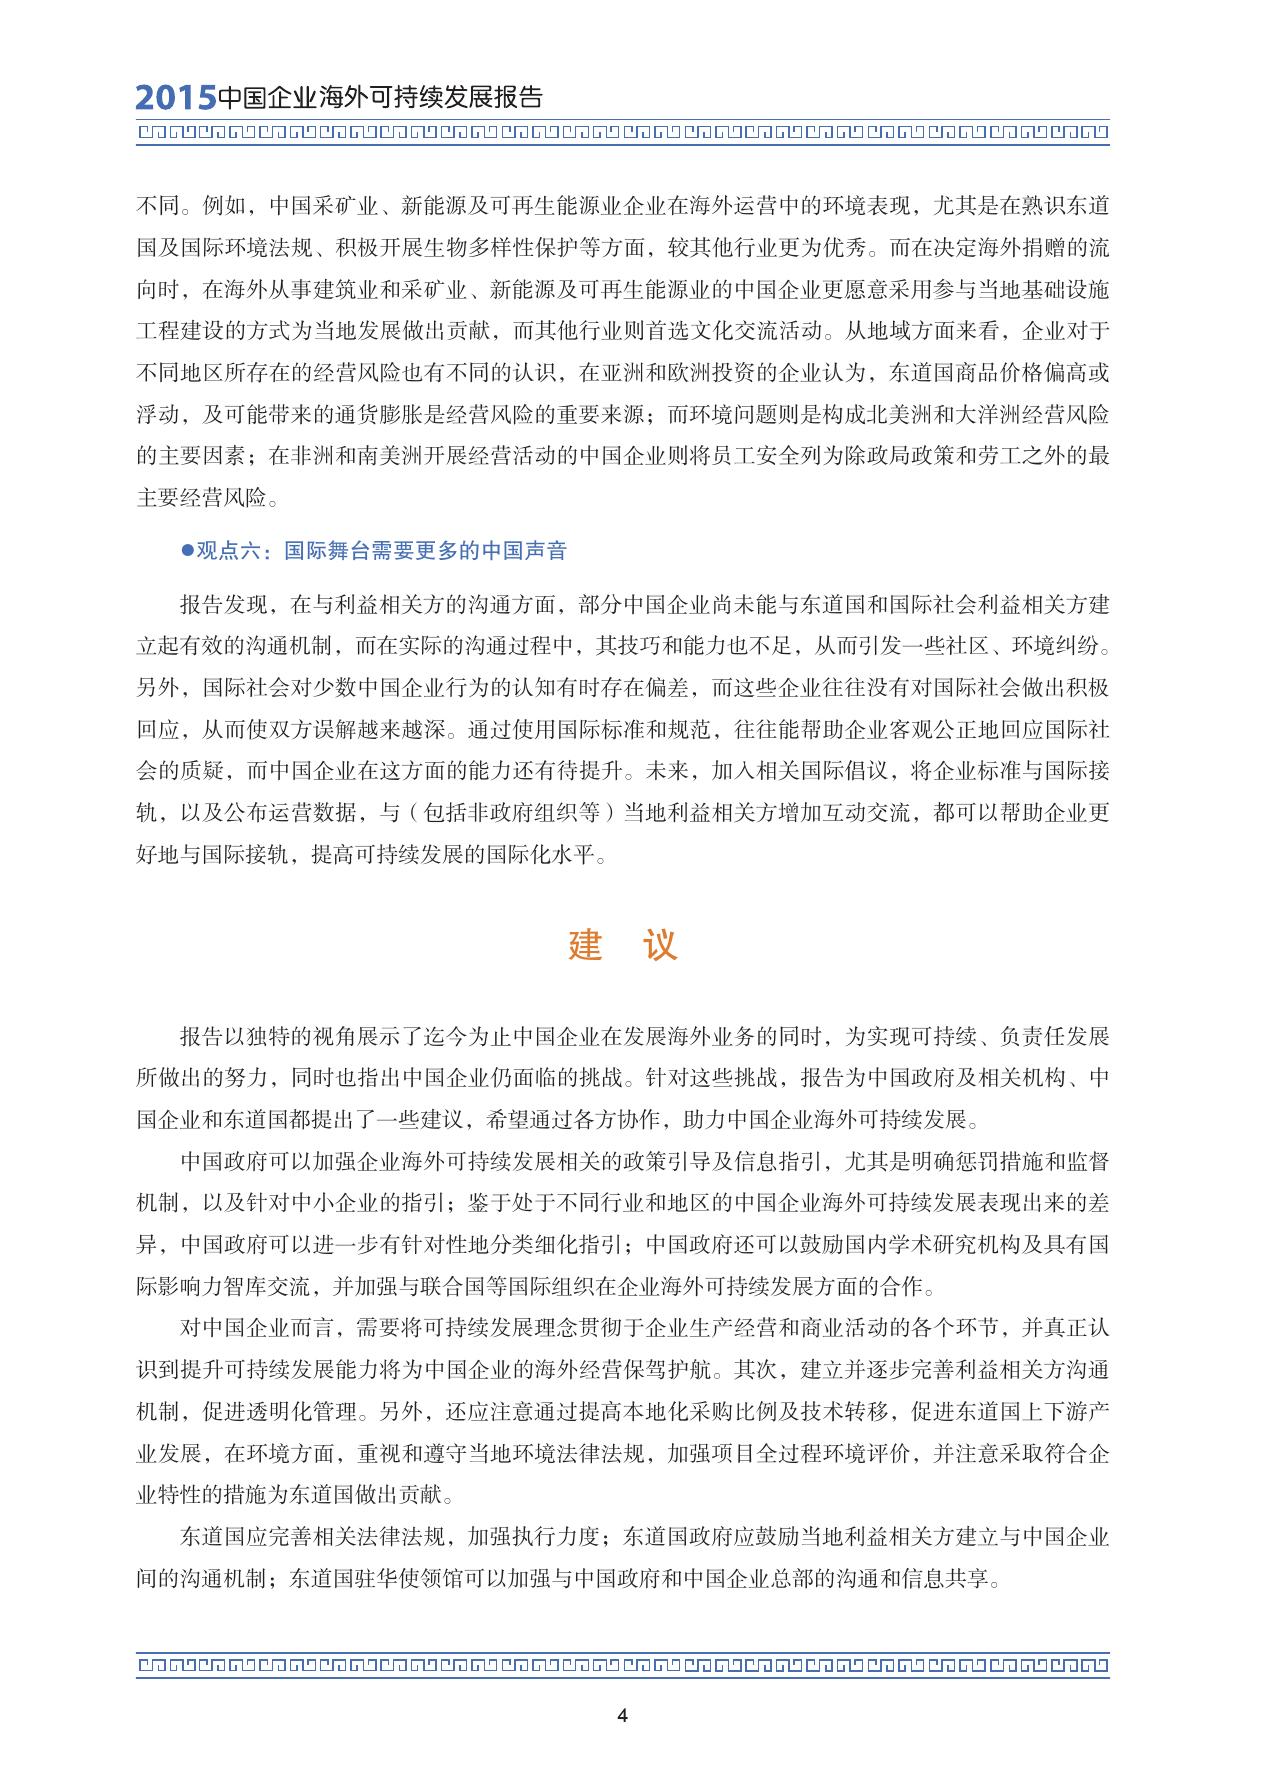 2015中国企业海外可持续发展报告_000007